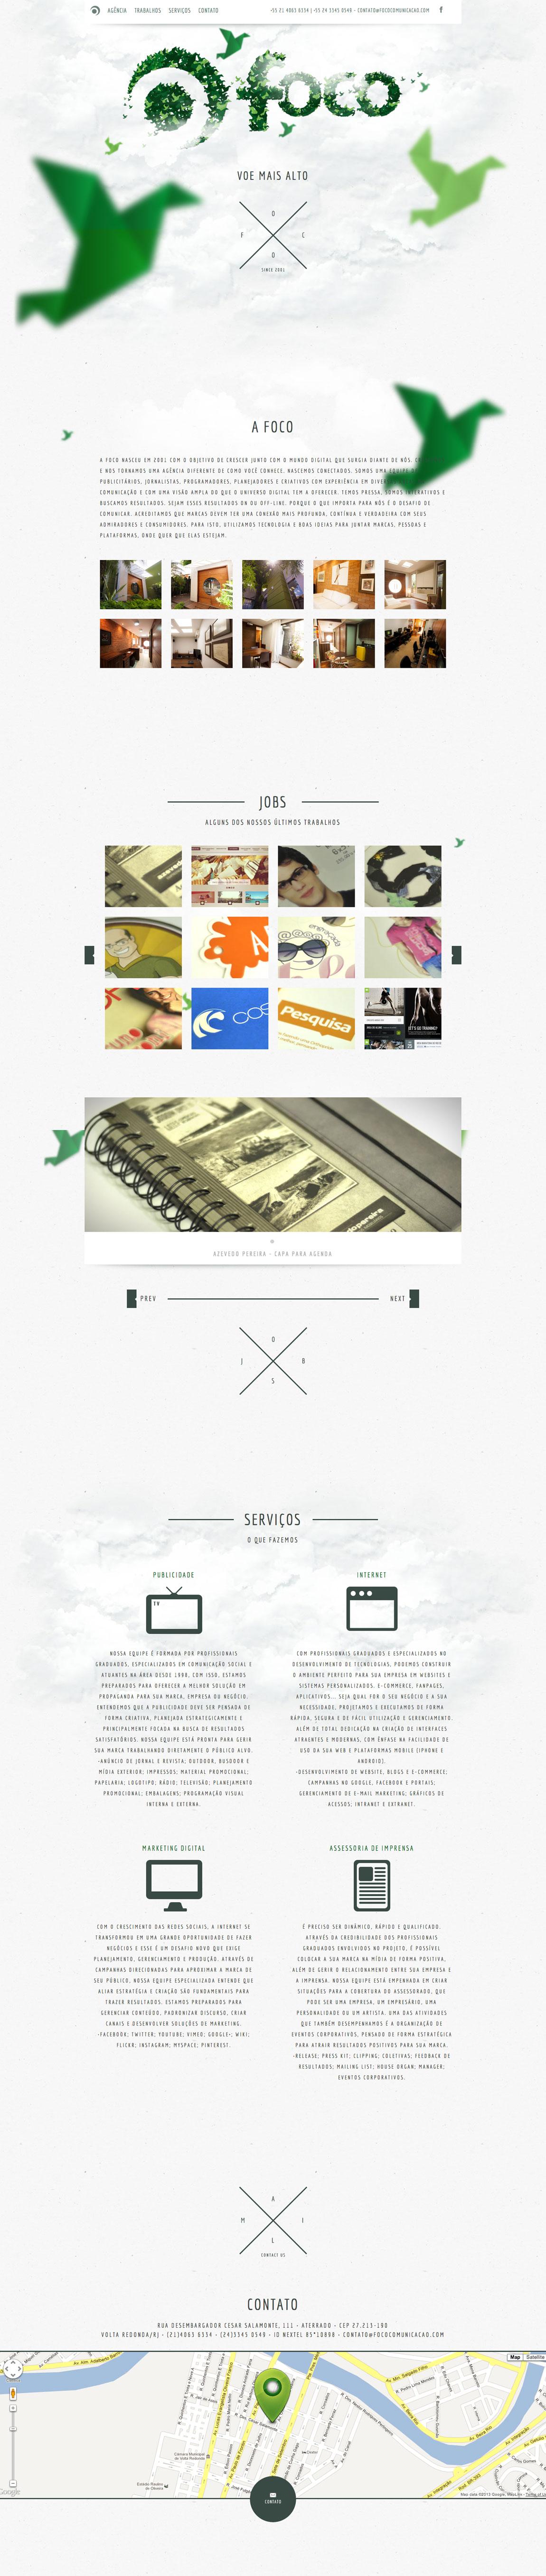 Foco Comunicação Website Screenshot